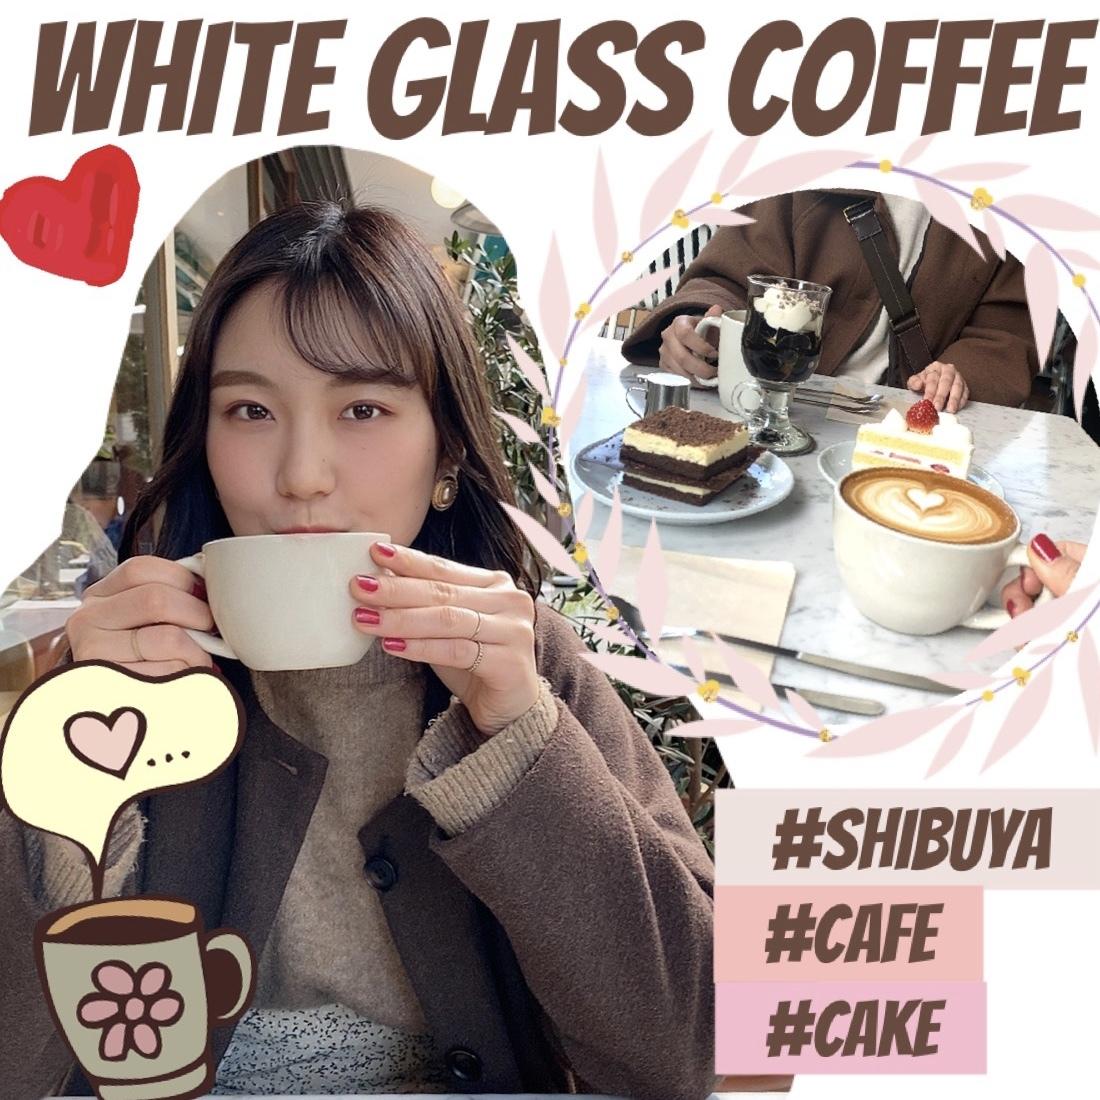 【カフェ】渋谷のwhite glass coffeeに行ってきました!!_1_1